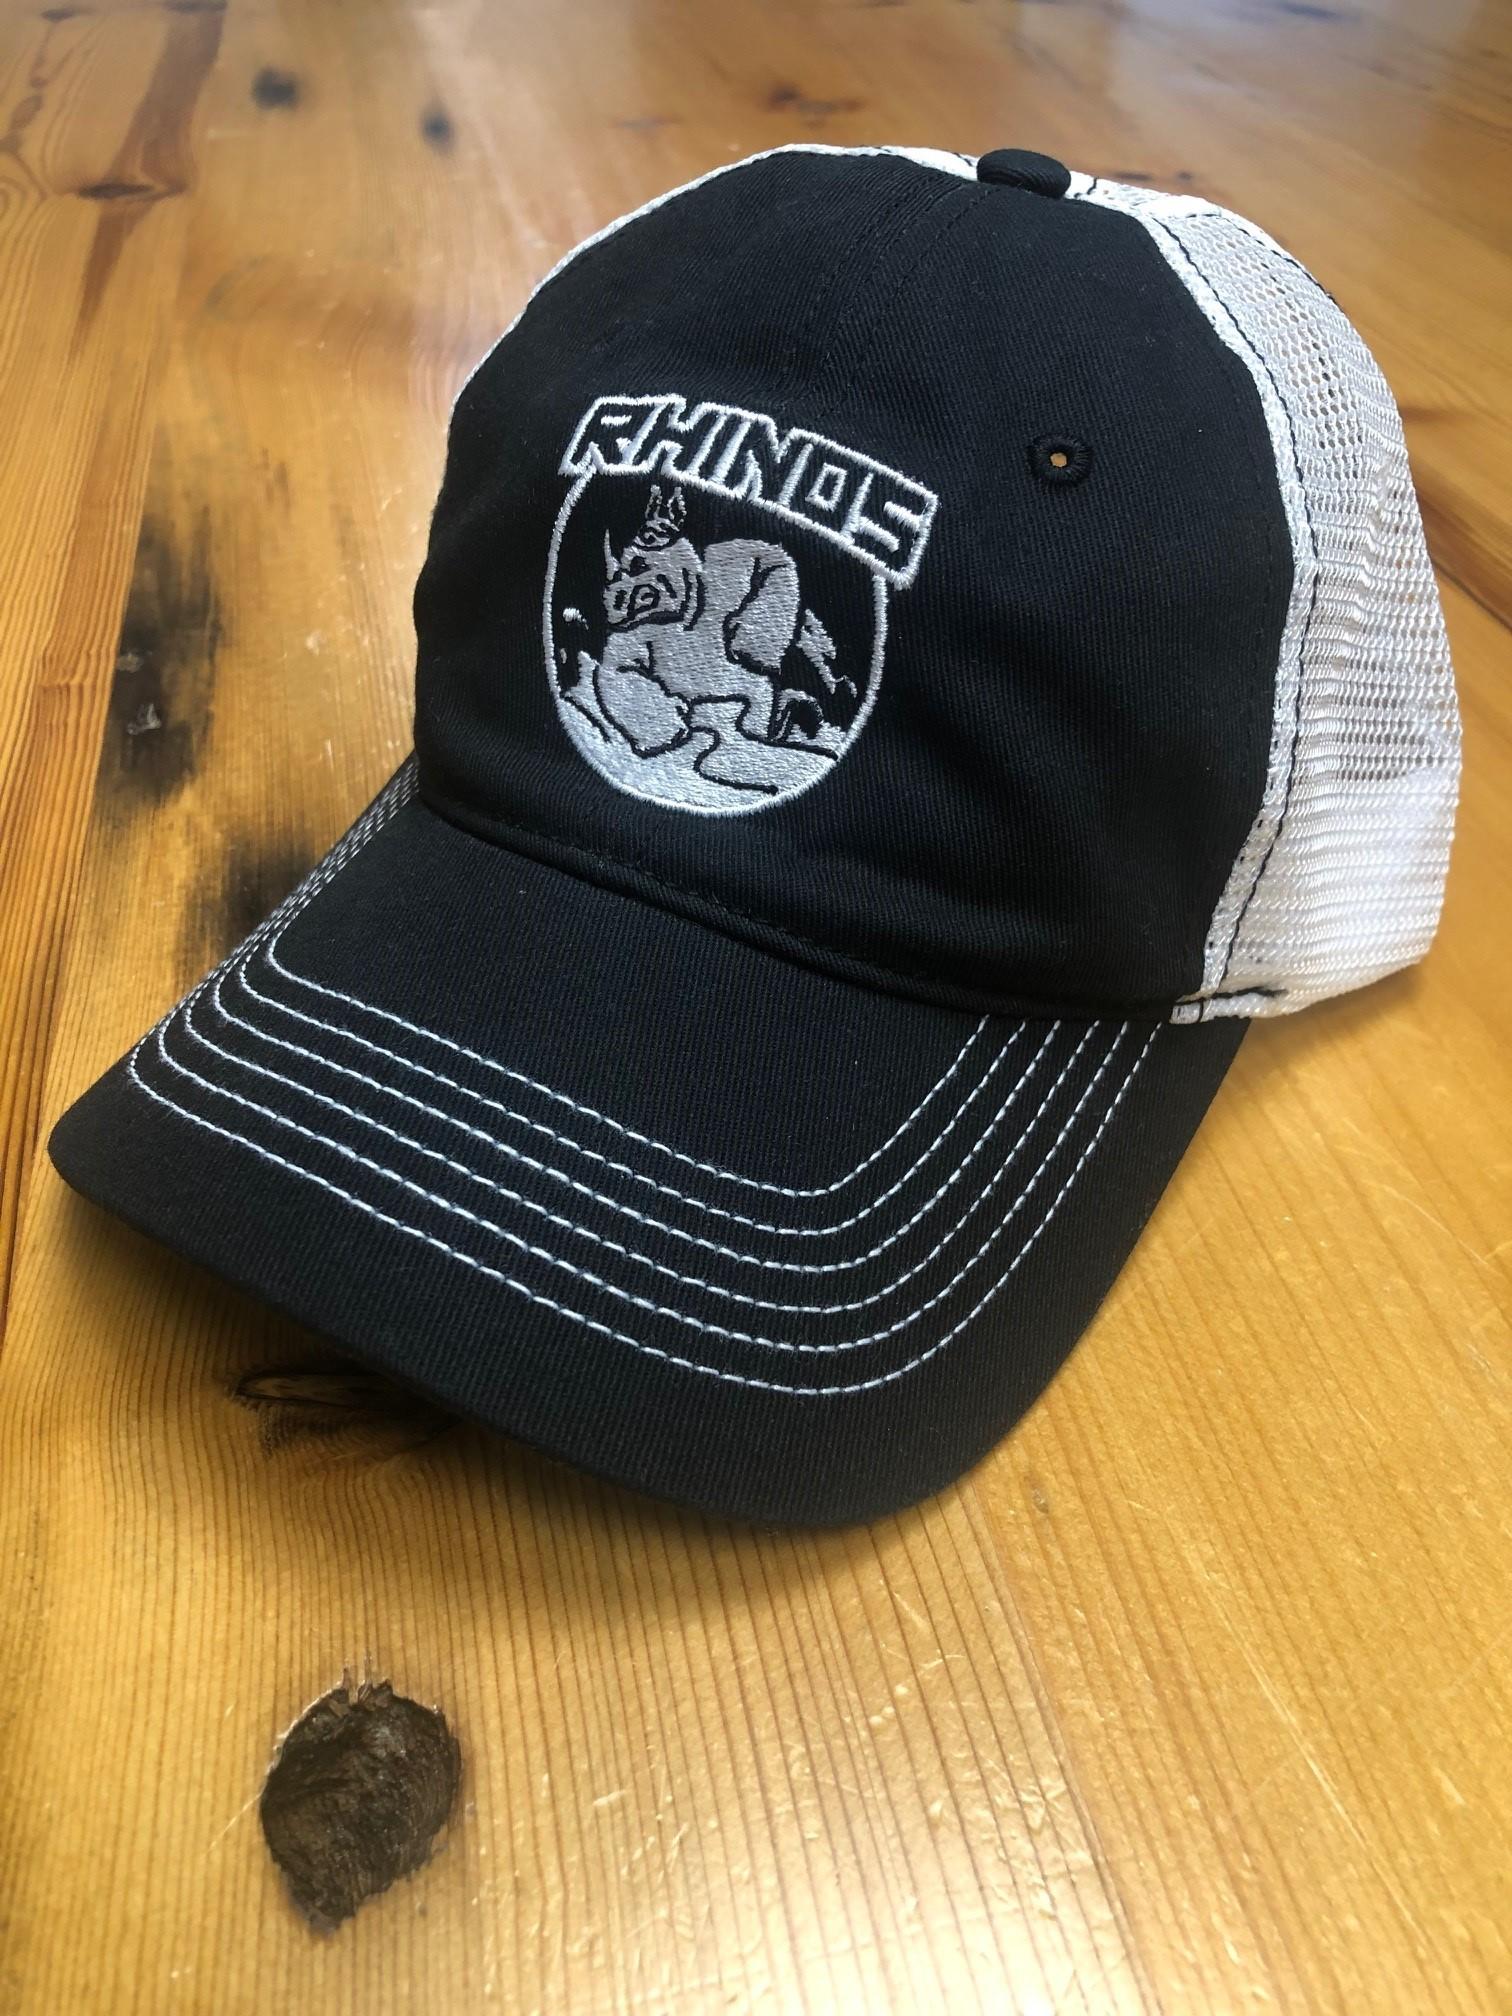 OTR Rhinos Trucker Hat, Black